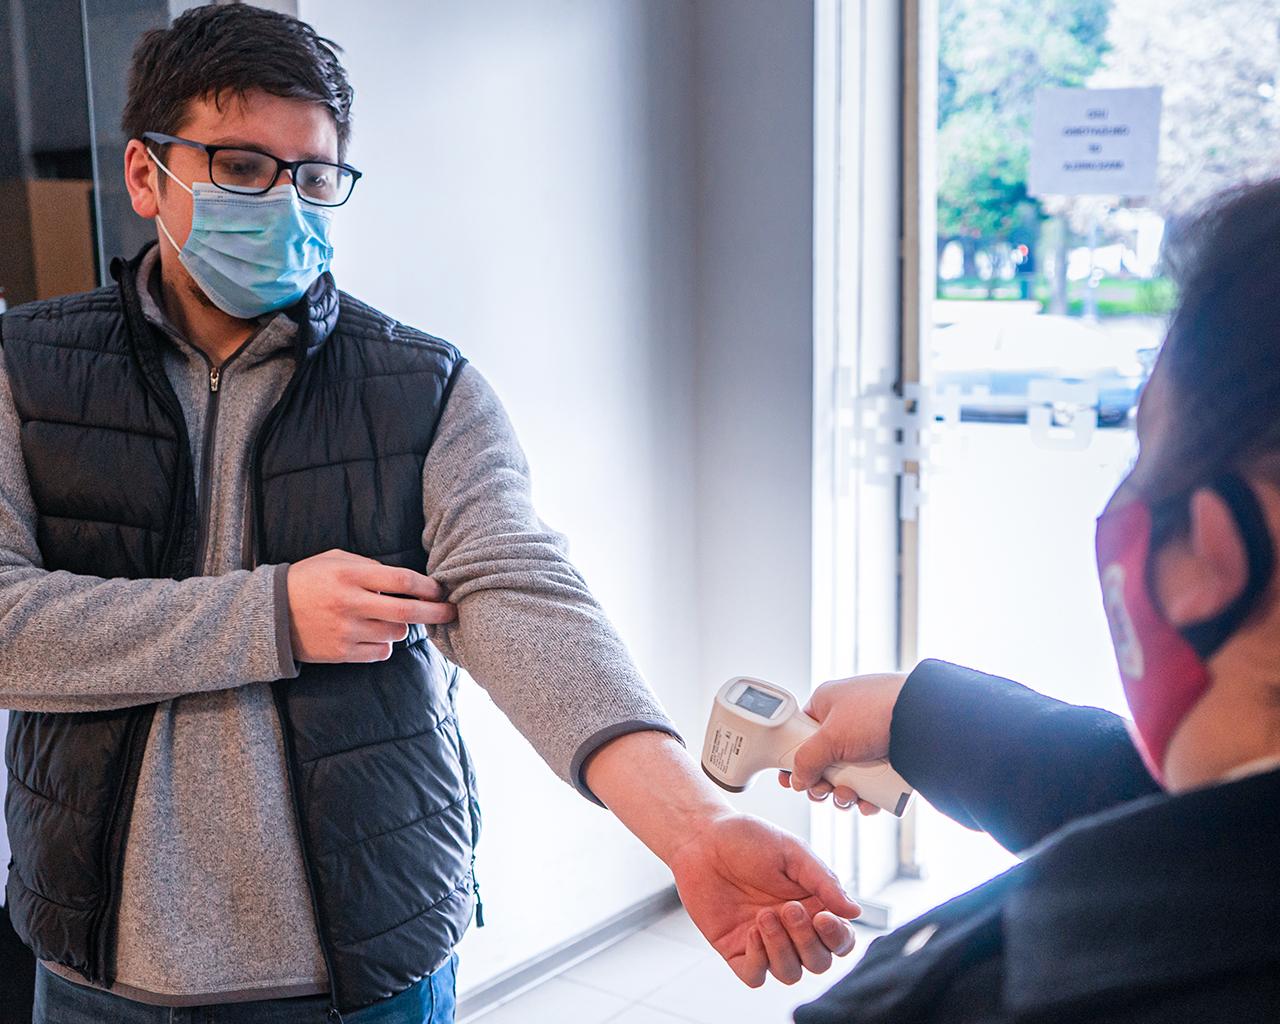 Universidad invierte 520 millones en mejoras por pandemia